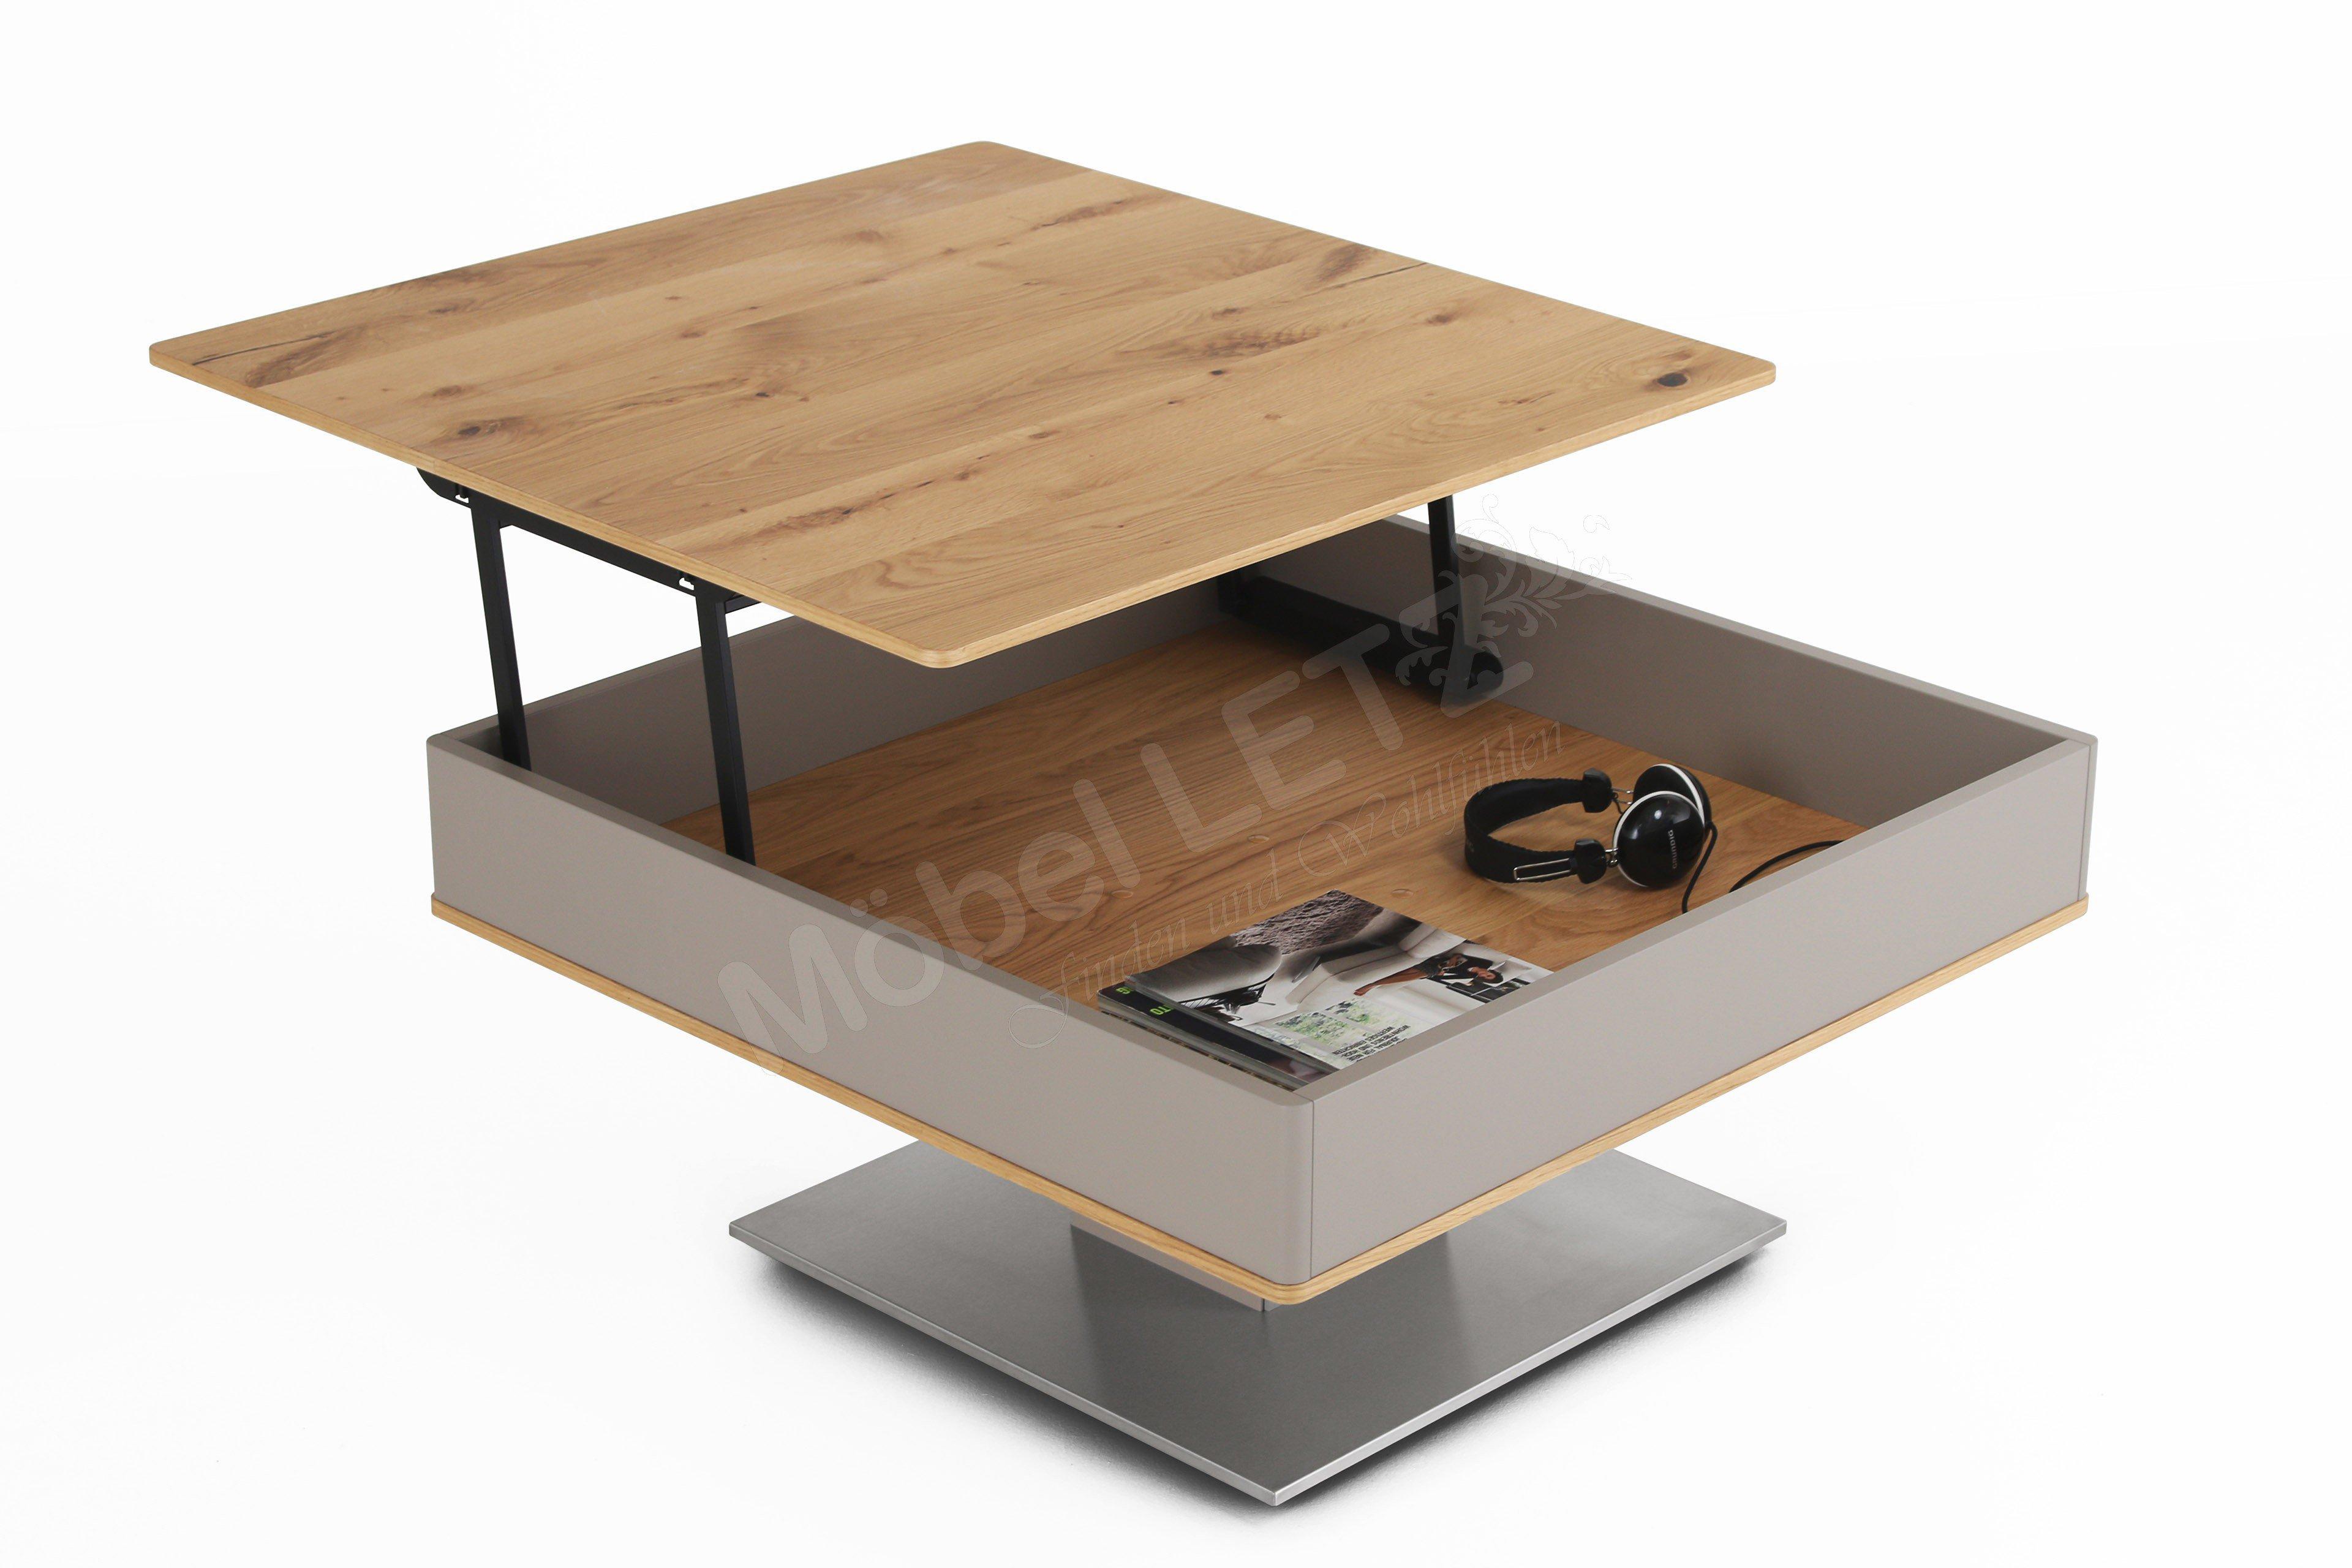 couchtisch fabienne ct302 85l aus der kollektion letz m bel letz ihr online shop. Black Bedroom Furniture Sets. Home Design Ideas